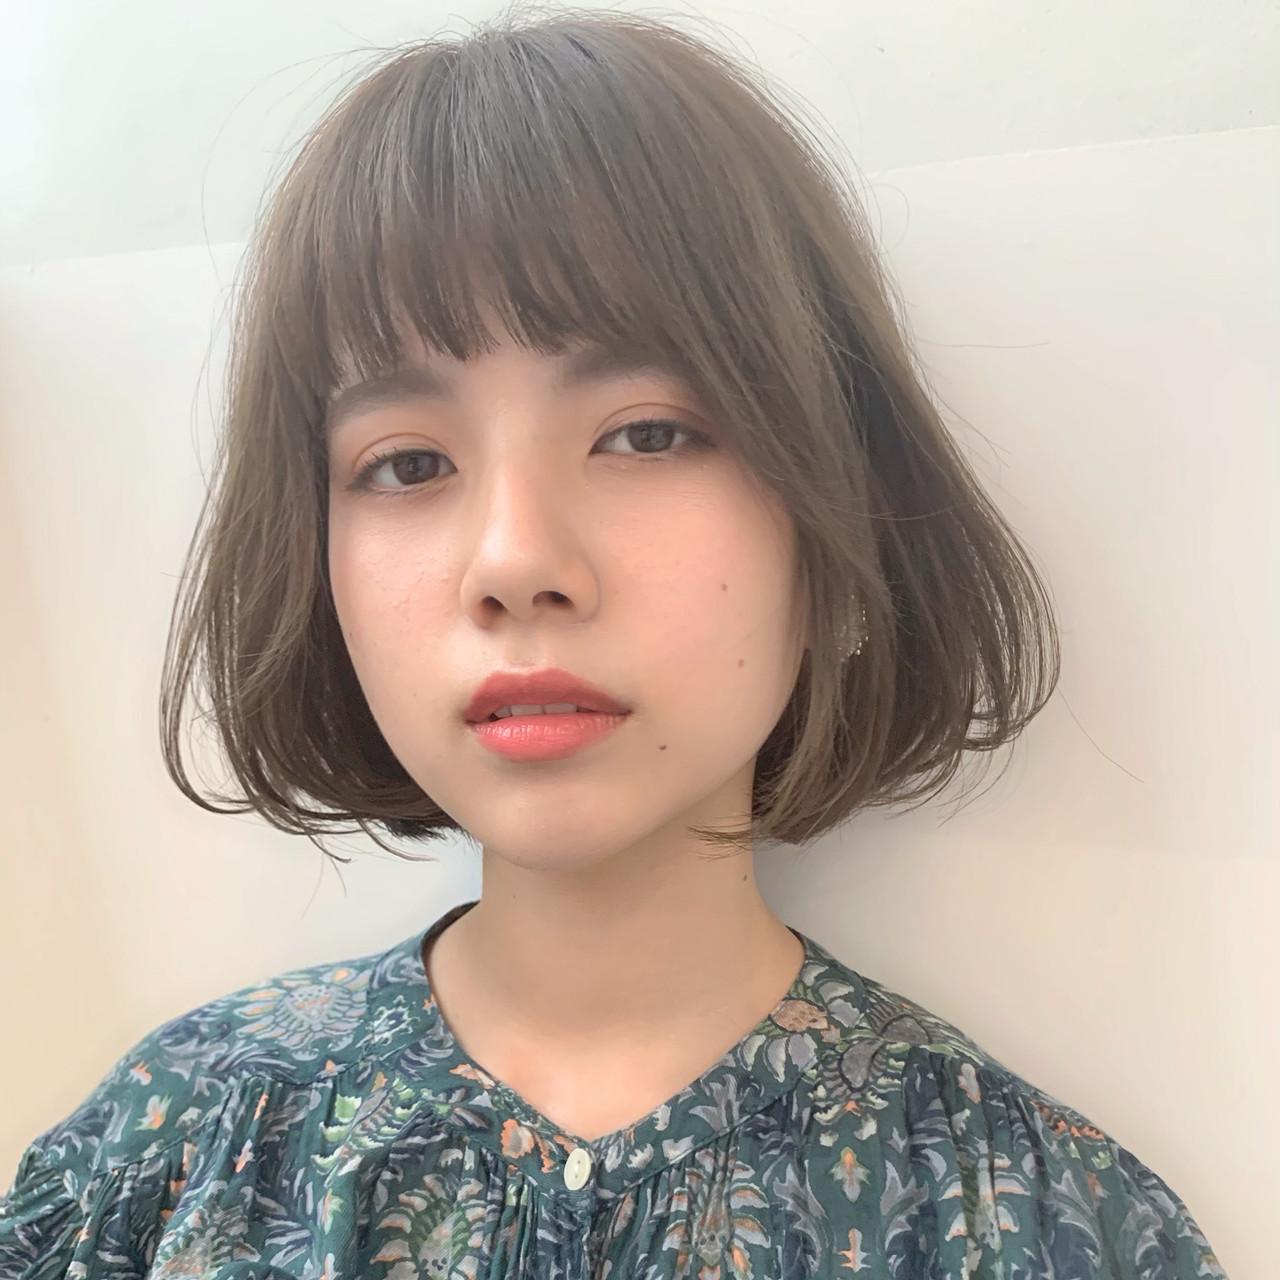 ミルクティーベージュで愛されボブ♡ LIPPS銀座 安田愛佳